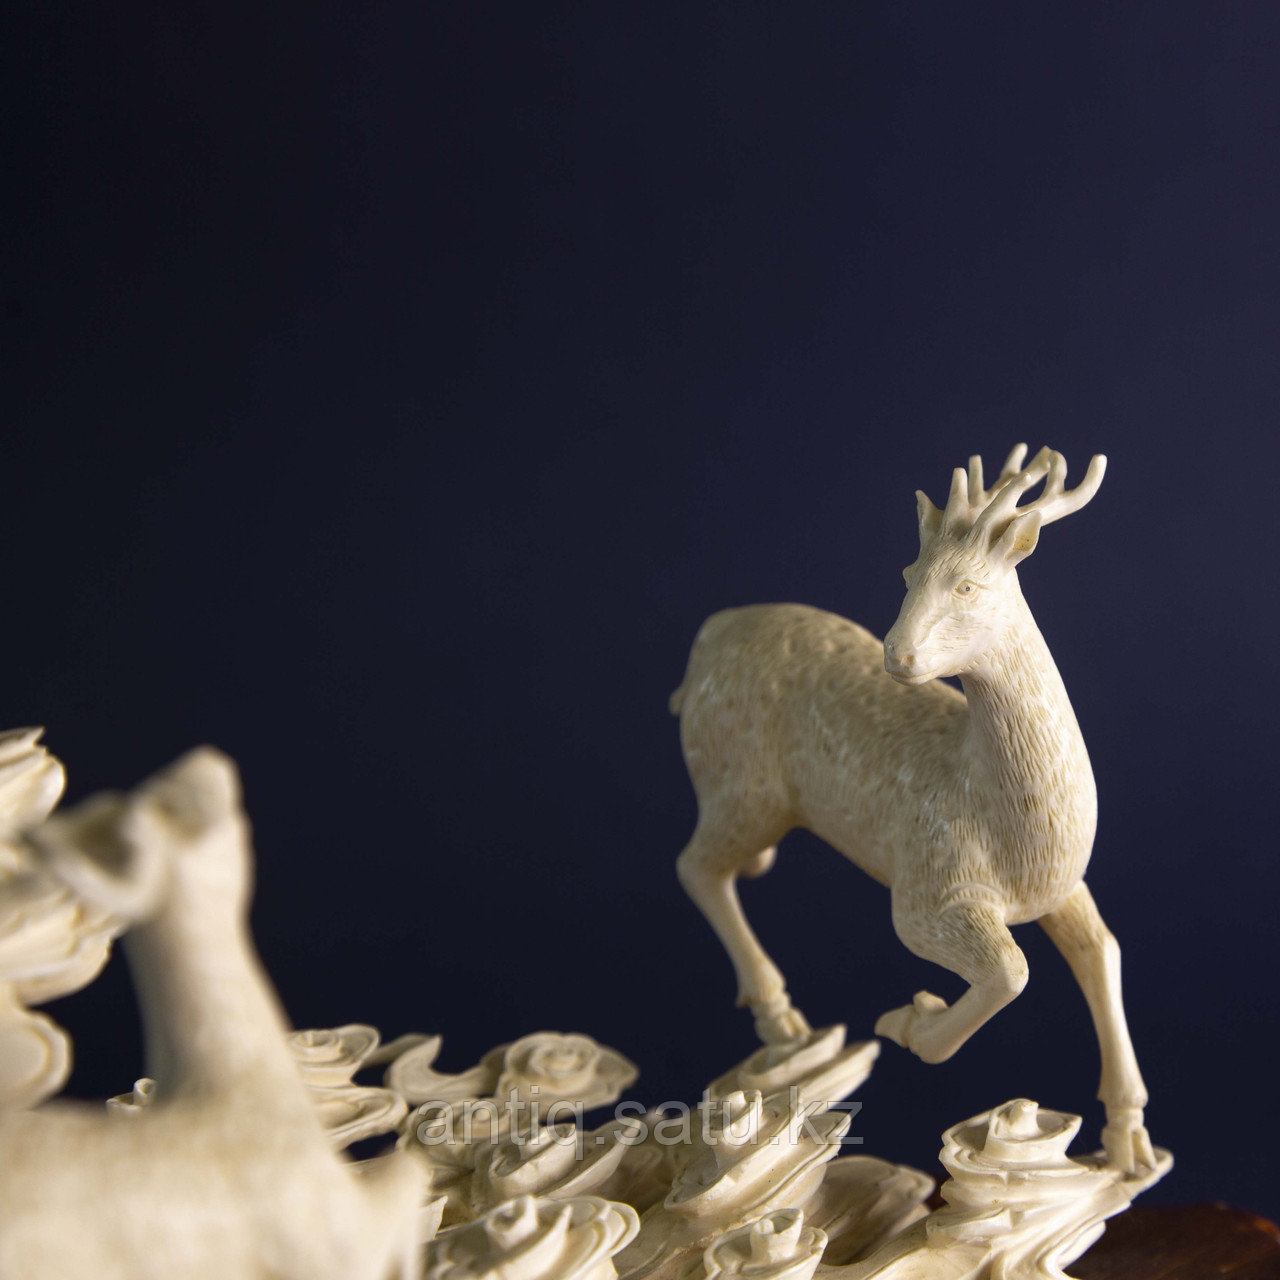 Великолепная композиция Олени. Символ изобилия, счастья и долголетия. Слоновая кость. - фото 5